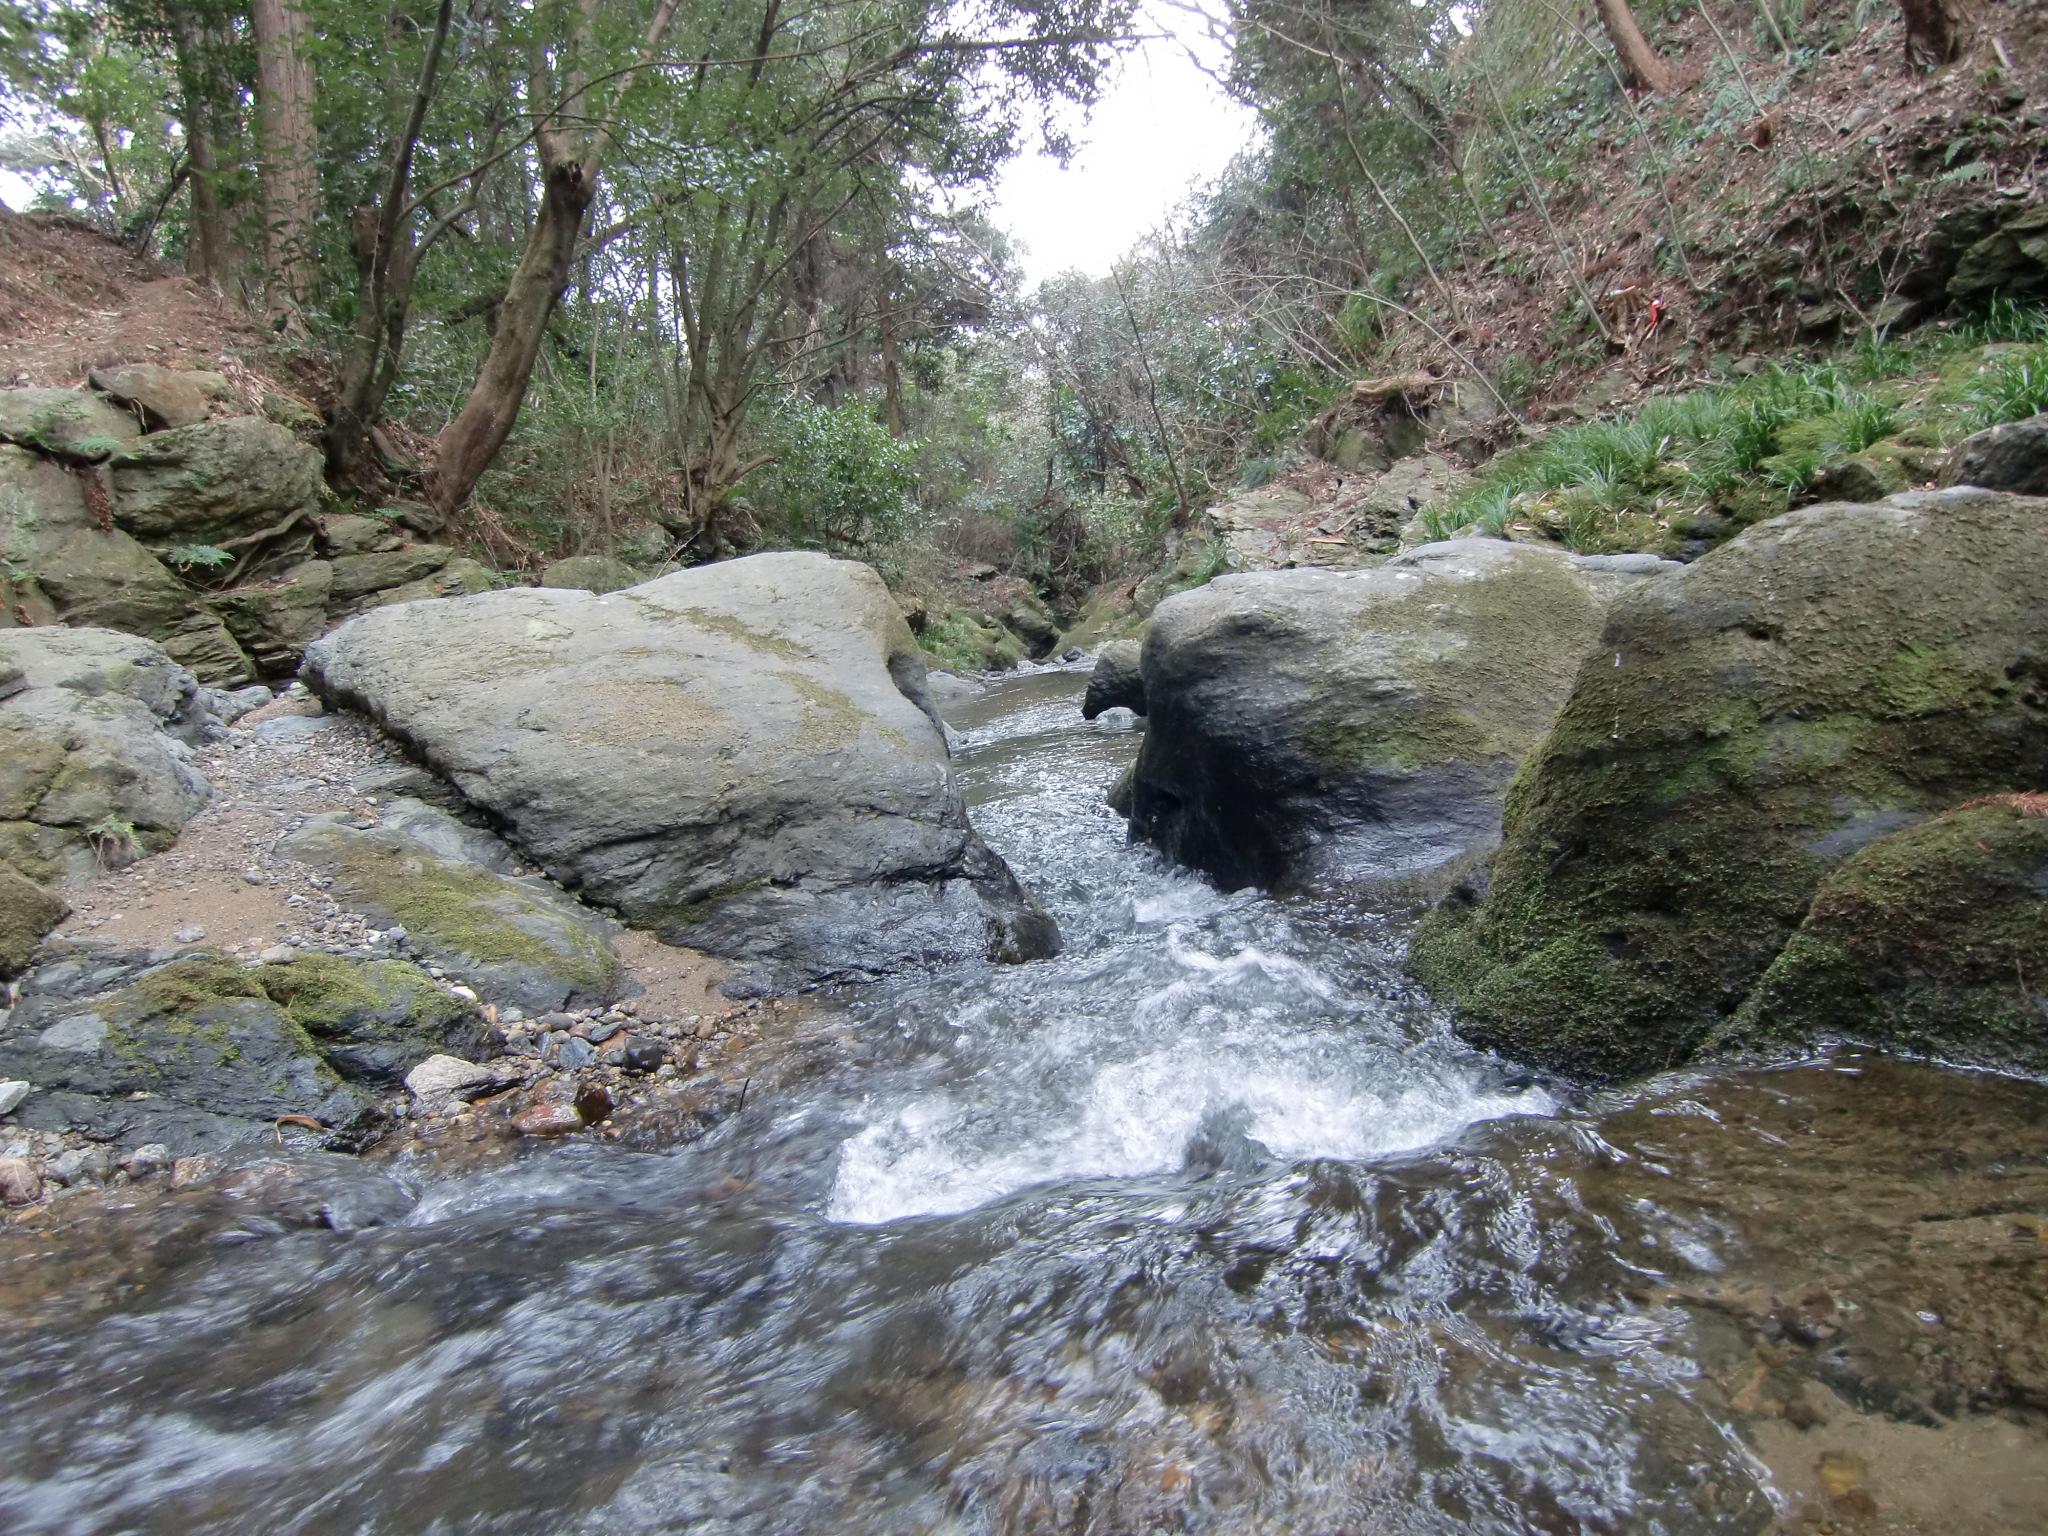 奈和県境の「飛び越え石」、そこに万葉人のまぼろし